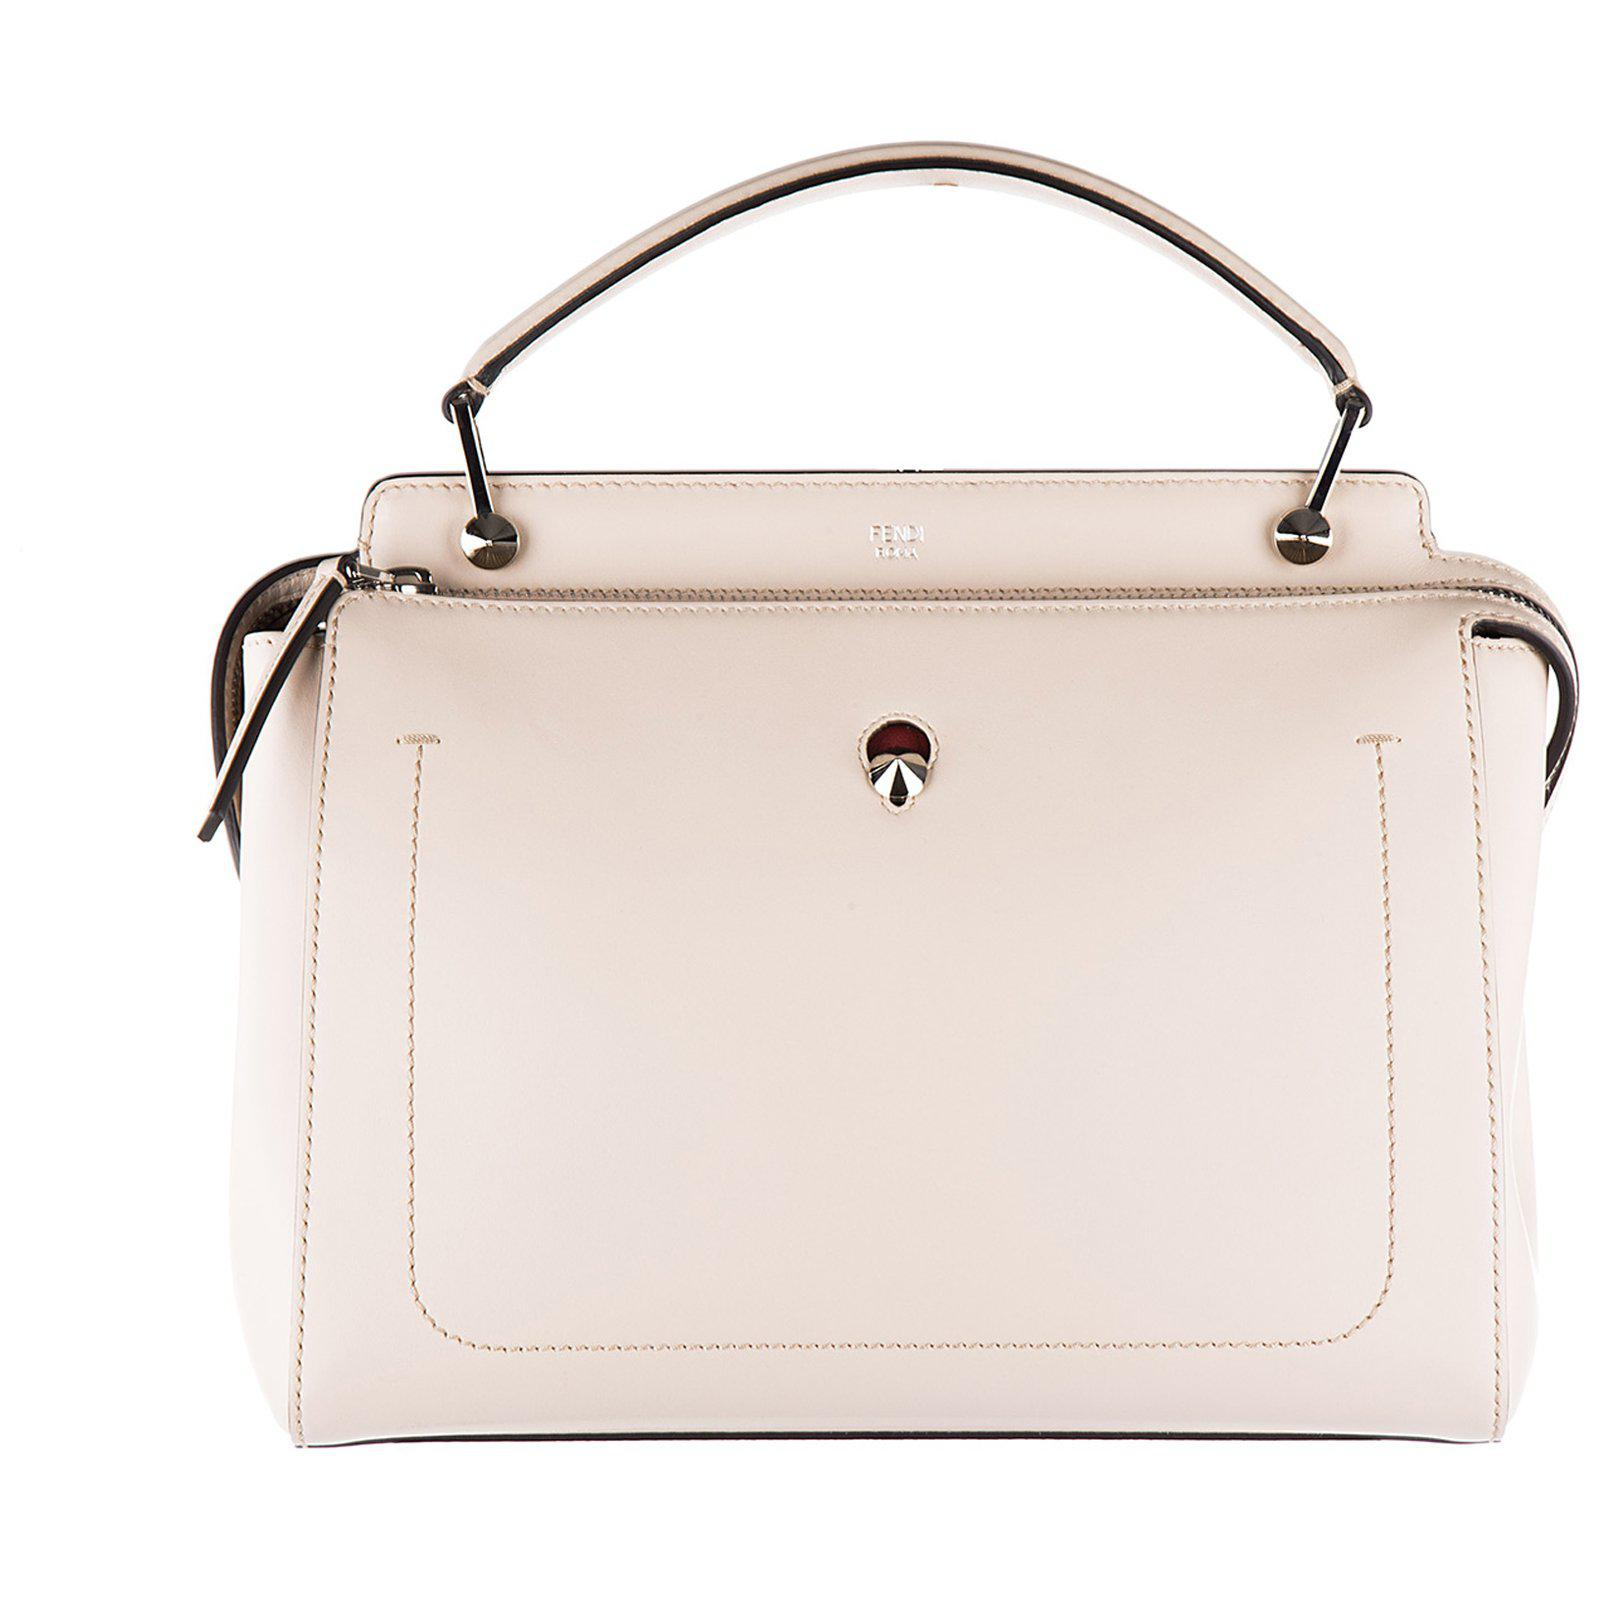 Fendi Dotcom Tote Bag in Pink - Lyst 83fc610e610bb